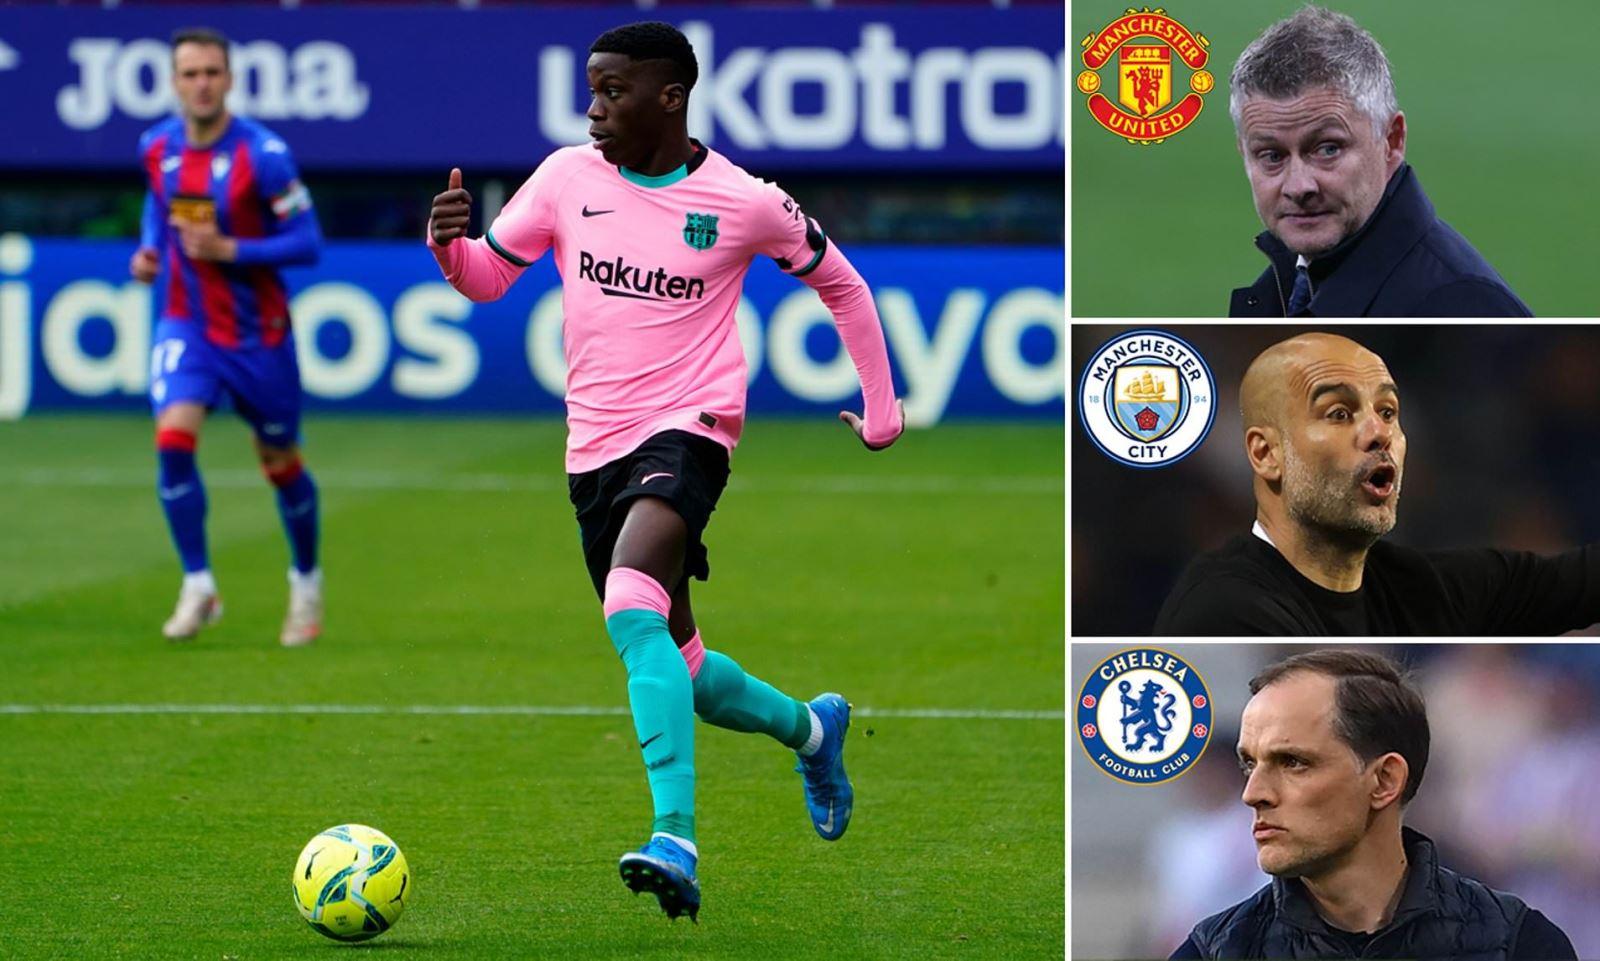 MU, chuyển nhượng MU, Varane, Raphael Varane, bóng đá, lịch thi đấu bóng đá, tin tức MU